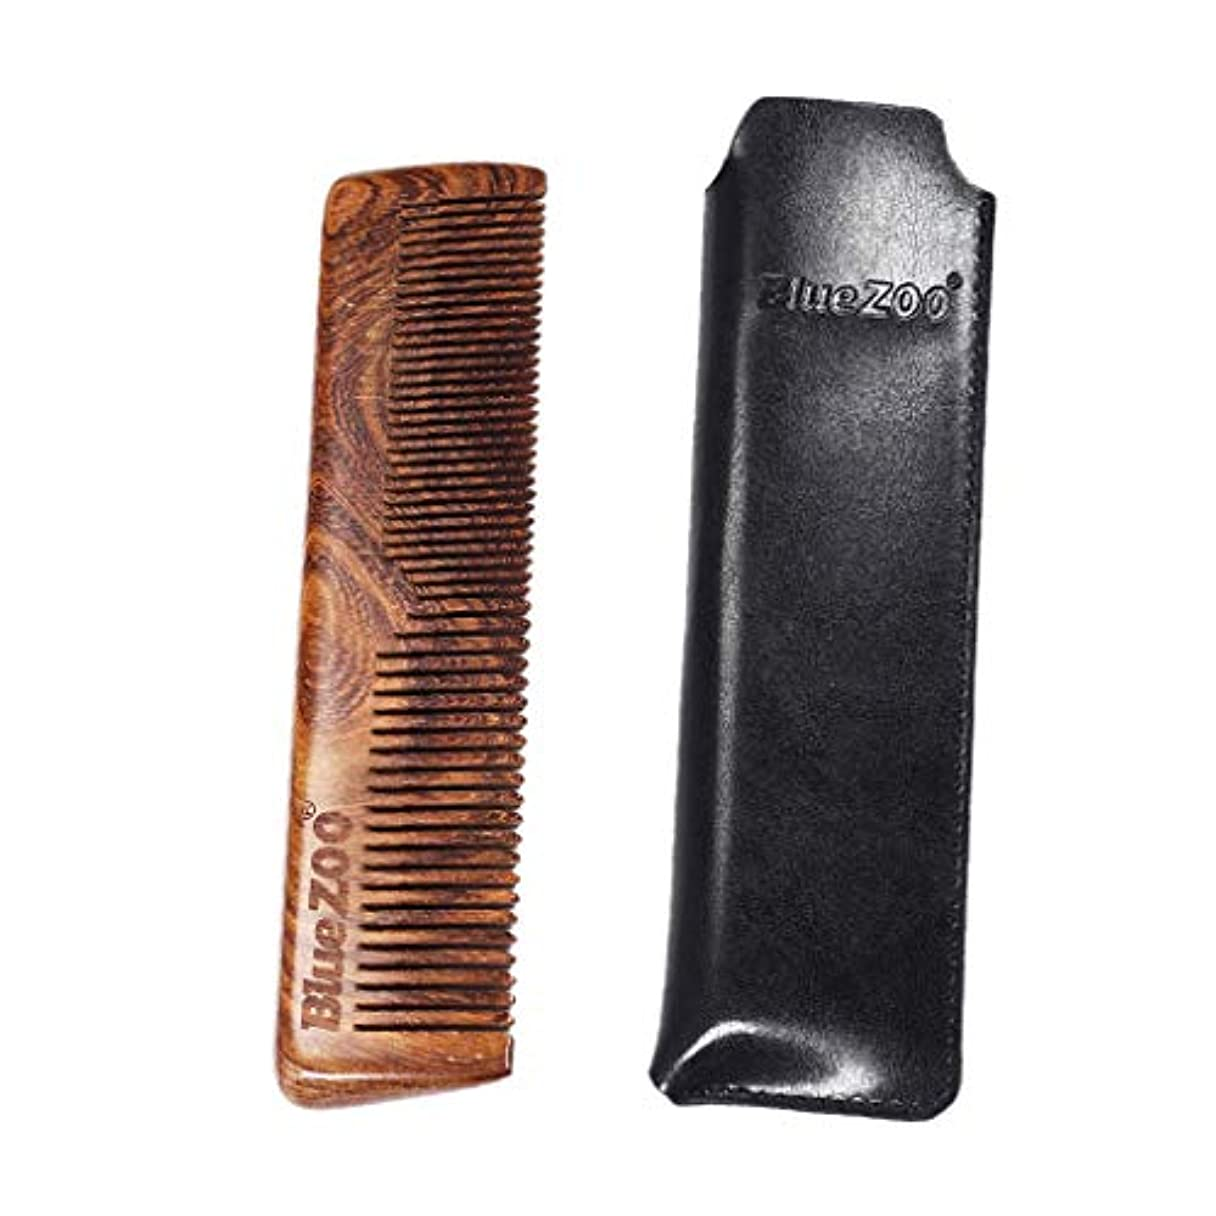 ライバルほぼ発行Toygogo 手作りサンダルウッド木製男性のひげ口ひげ顔の毛の櫛グルーミングスタイリングシェーピングツールと男性用理容室用PUケース - ブラック